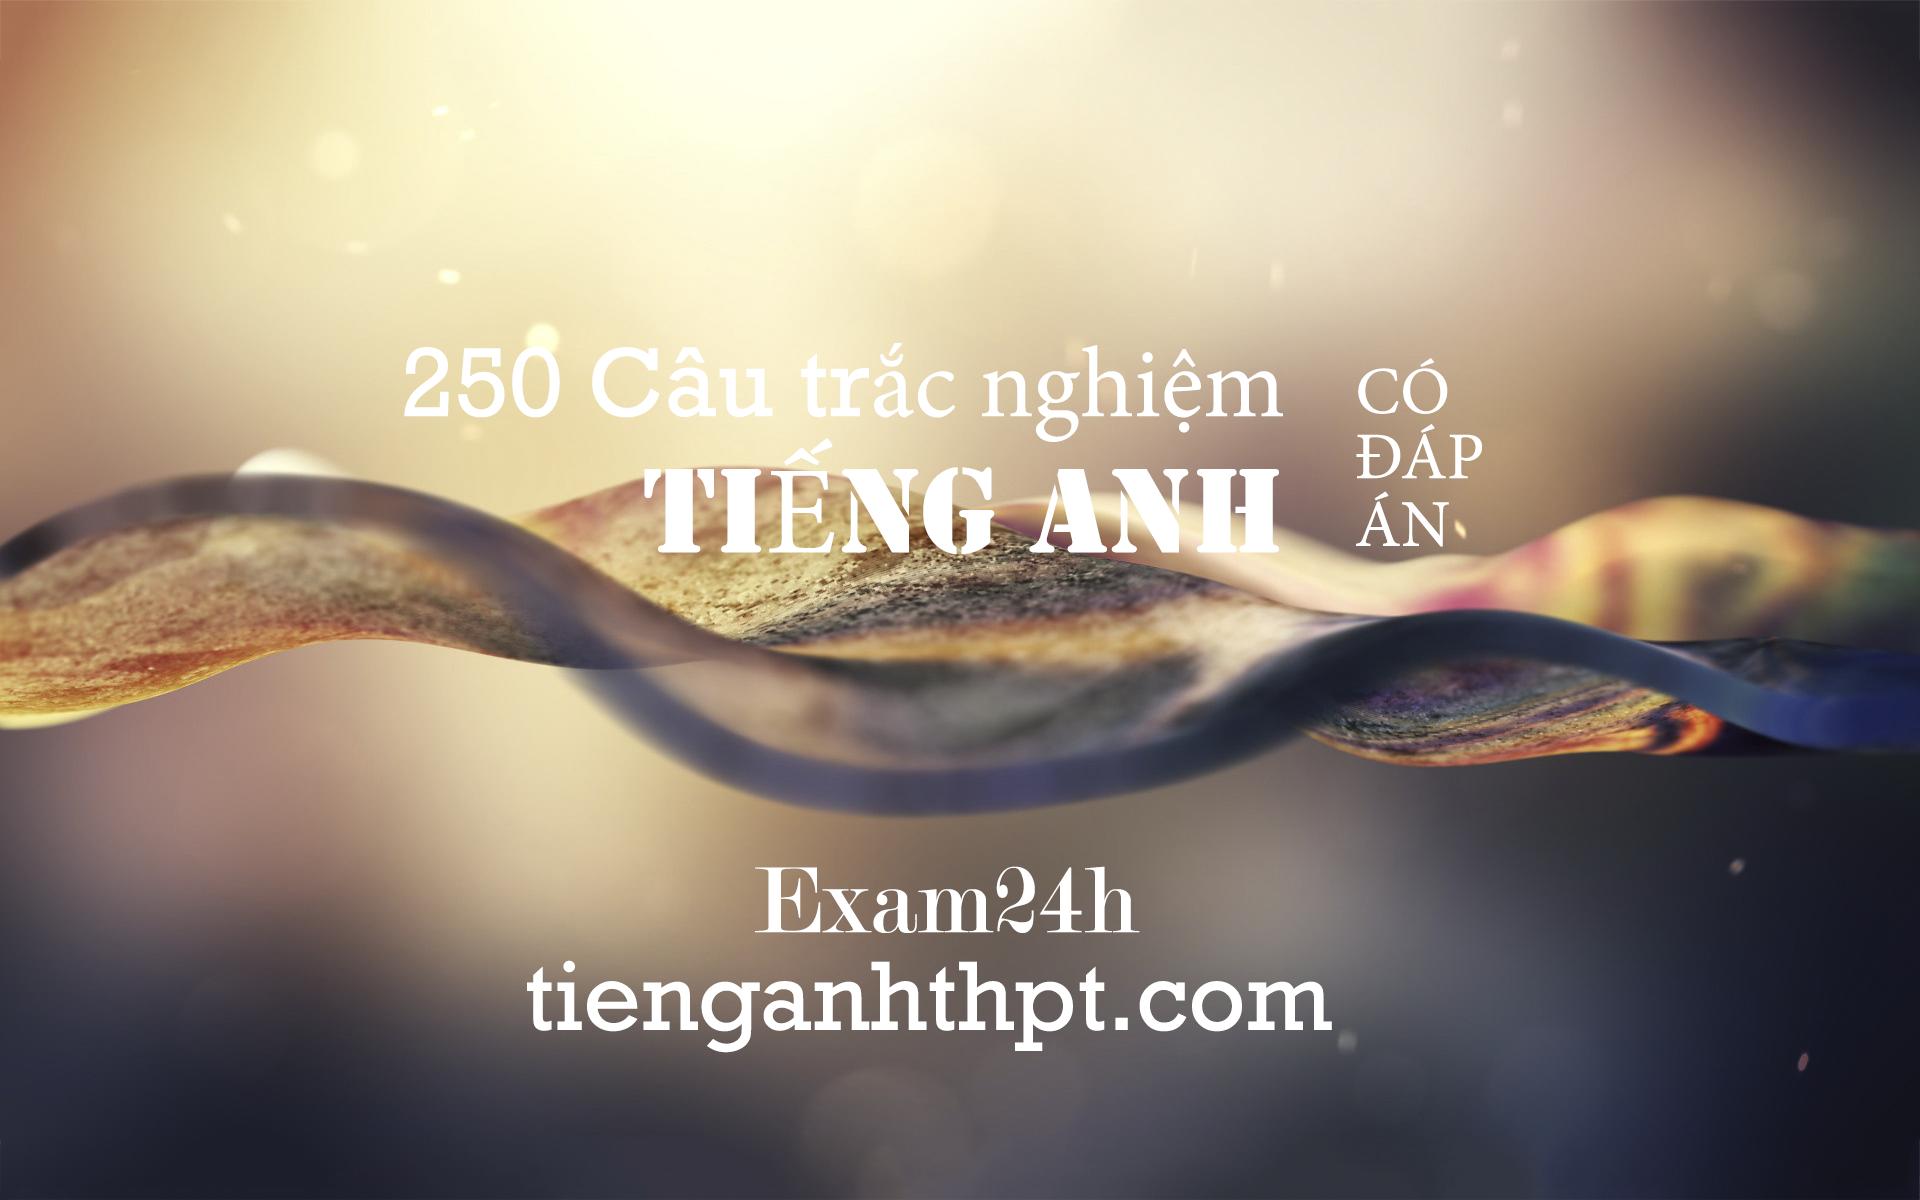 250 Câu trắc nghiệm từ vựng Tiếng Anh ôn thi THPT Quốc gia - Có đáp án